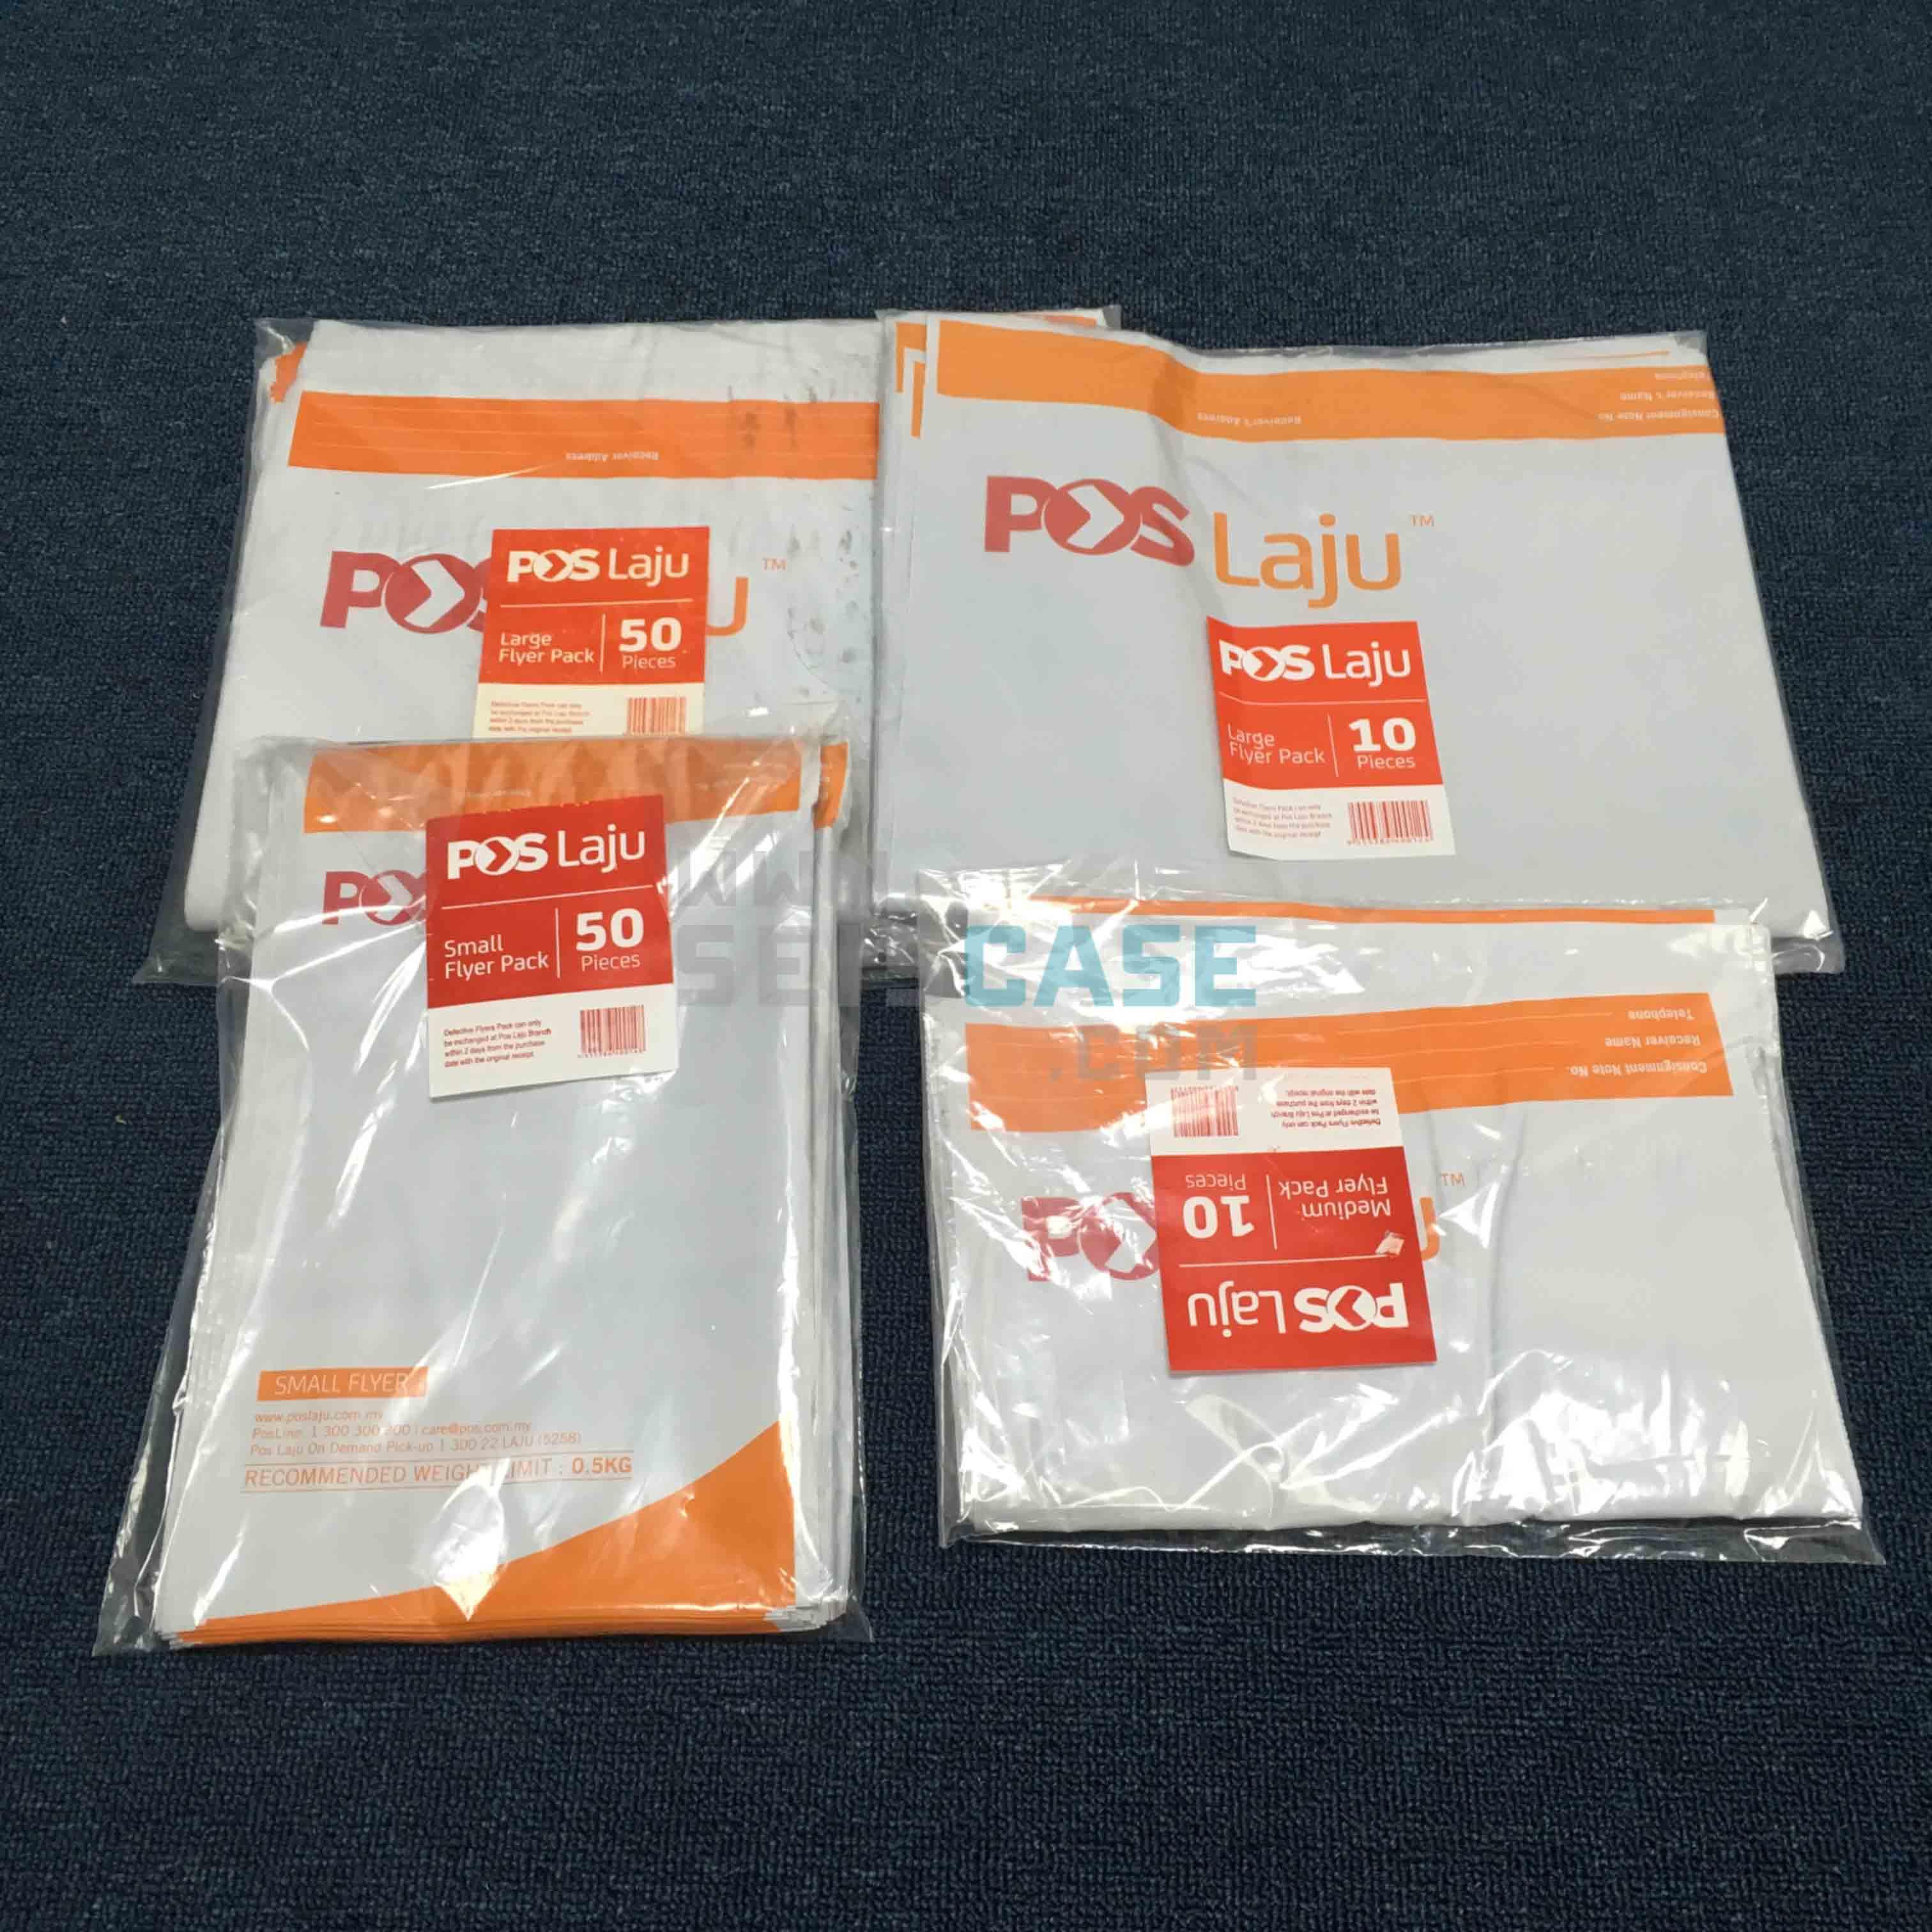 e5945d52b802 Poslaju Courier Pack Parcel Flyer Postage Plastic Bag S M L XL Size. ‹ ›